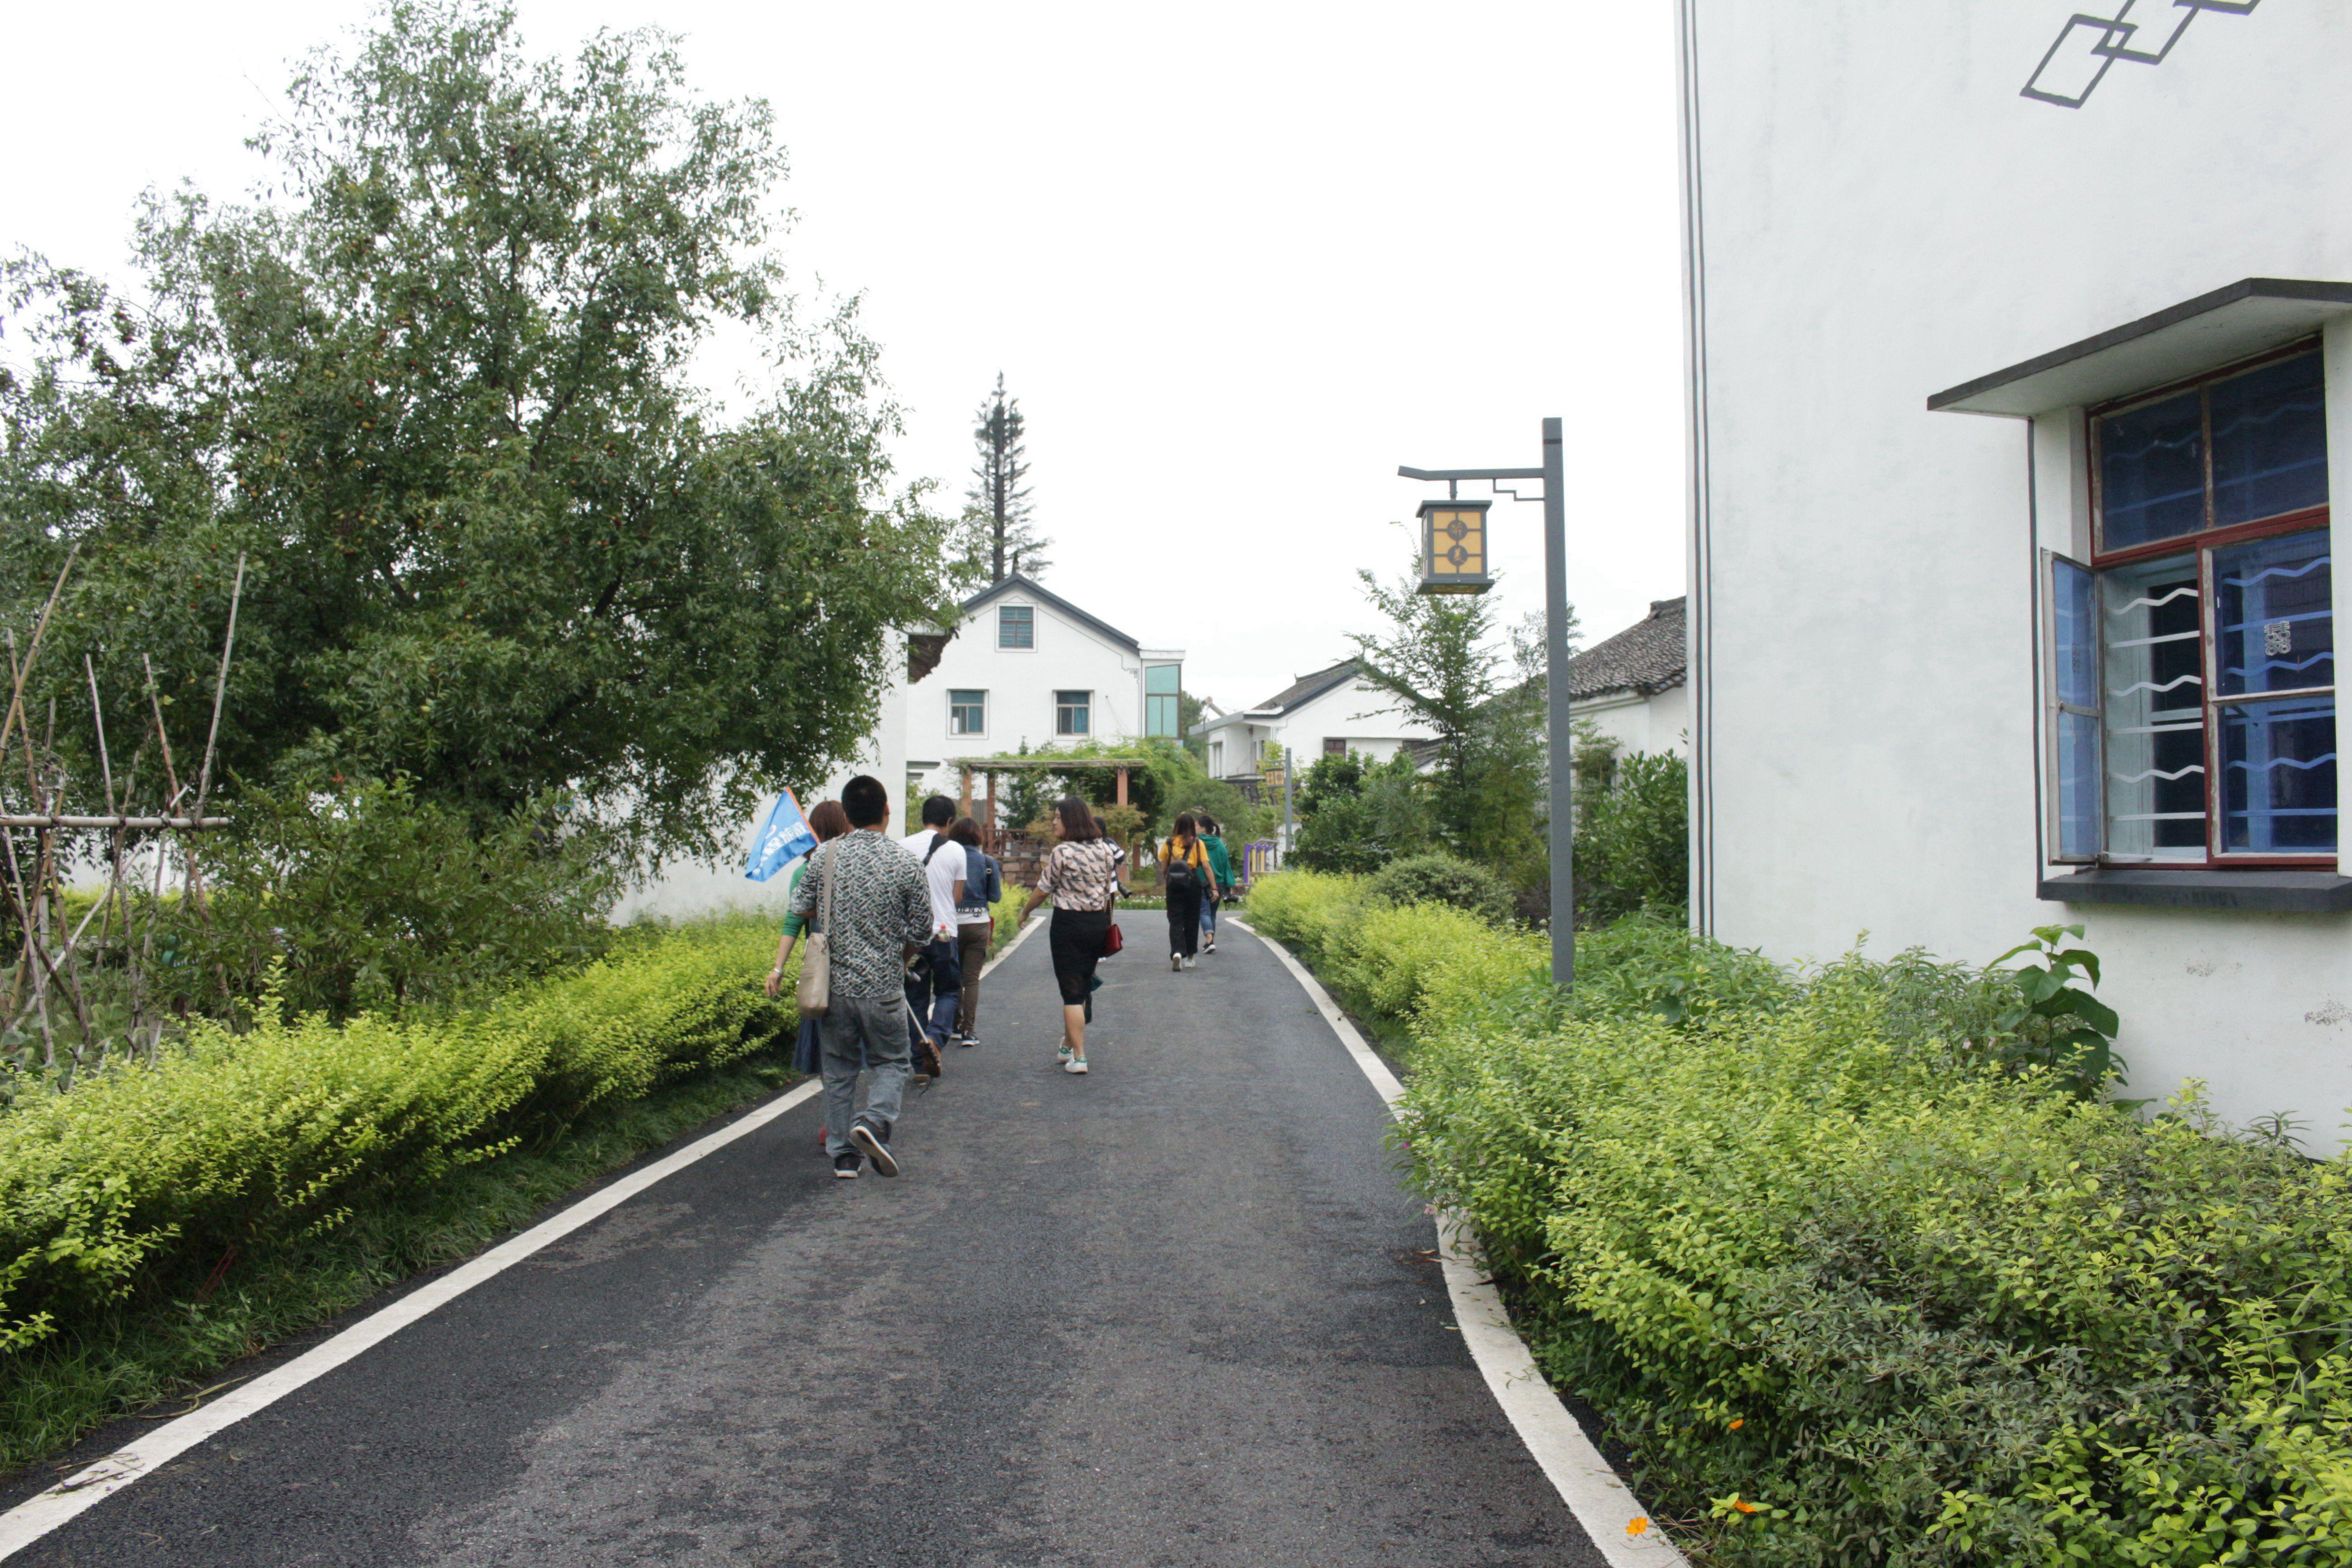 小众观潮点推荐,这个村子离上海不足2小时路程,宁静而自然